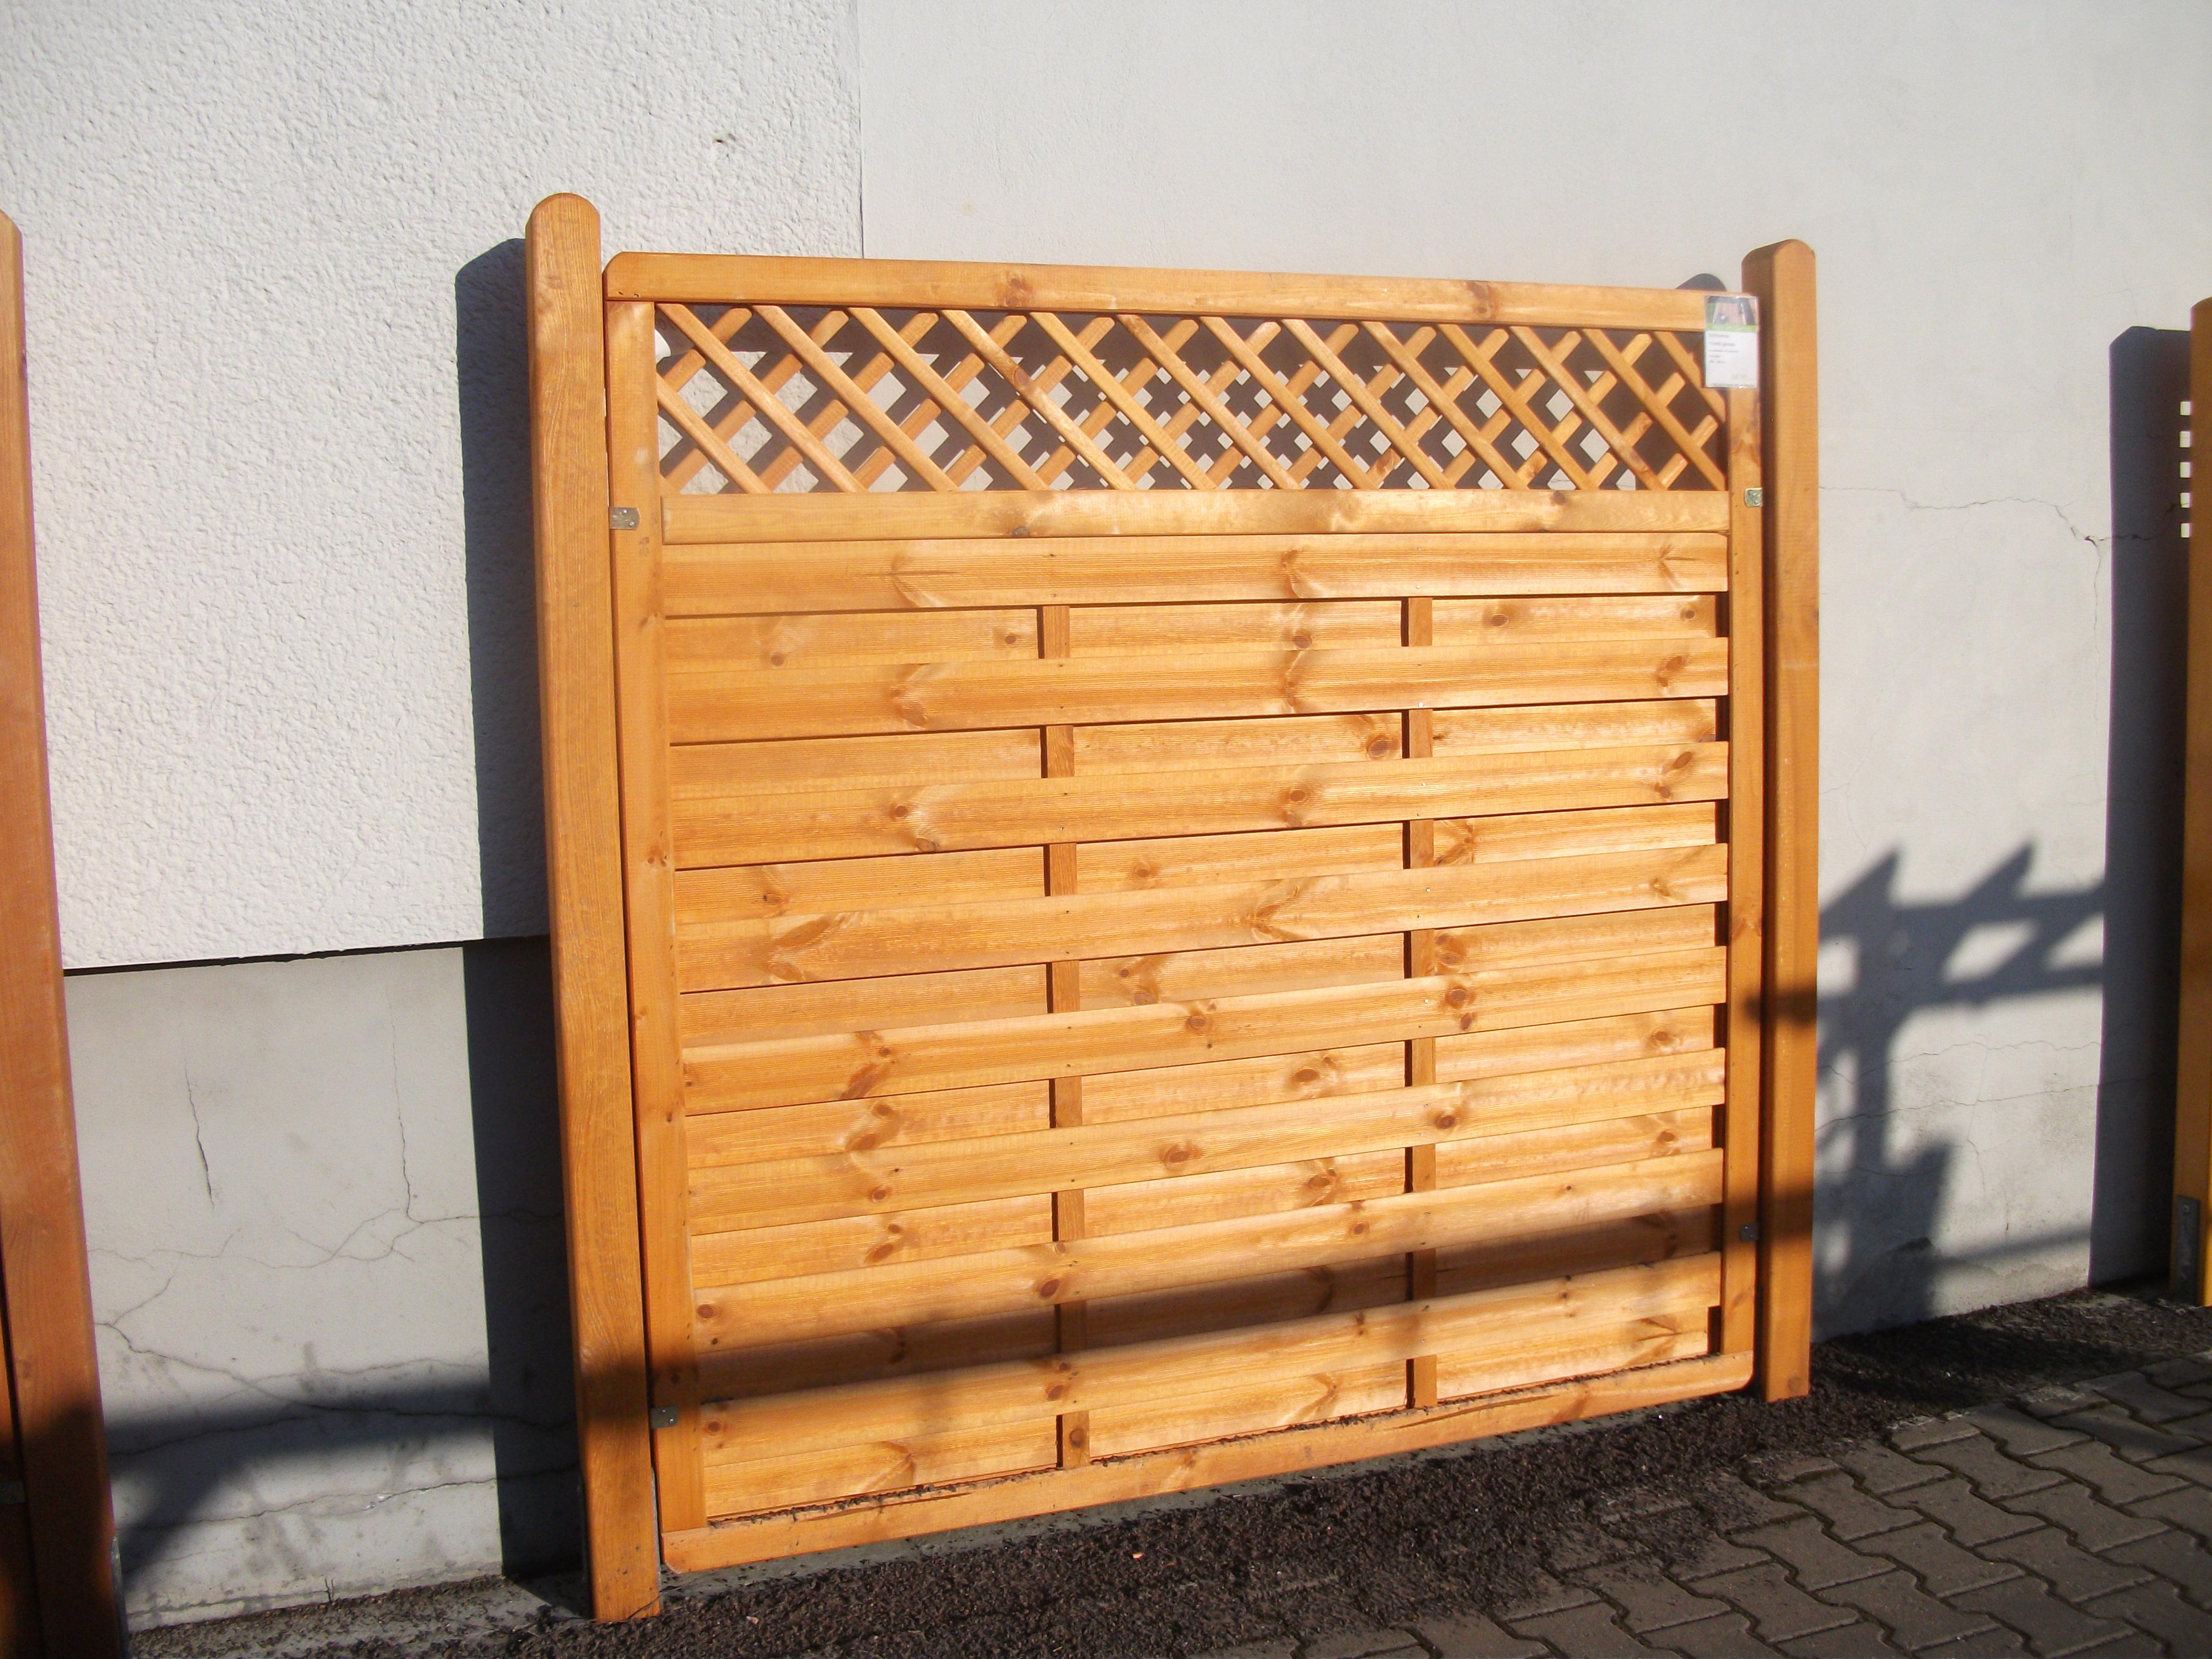 Angebote Sichtschutz Aus Holz Holz Neubauer Berlin Ihr Holzfachmarkt